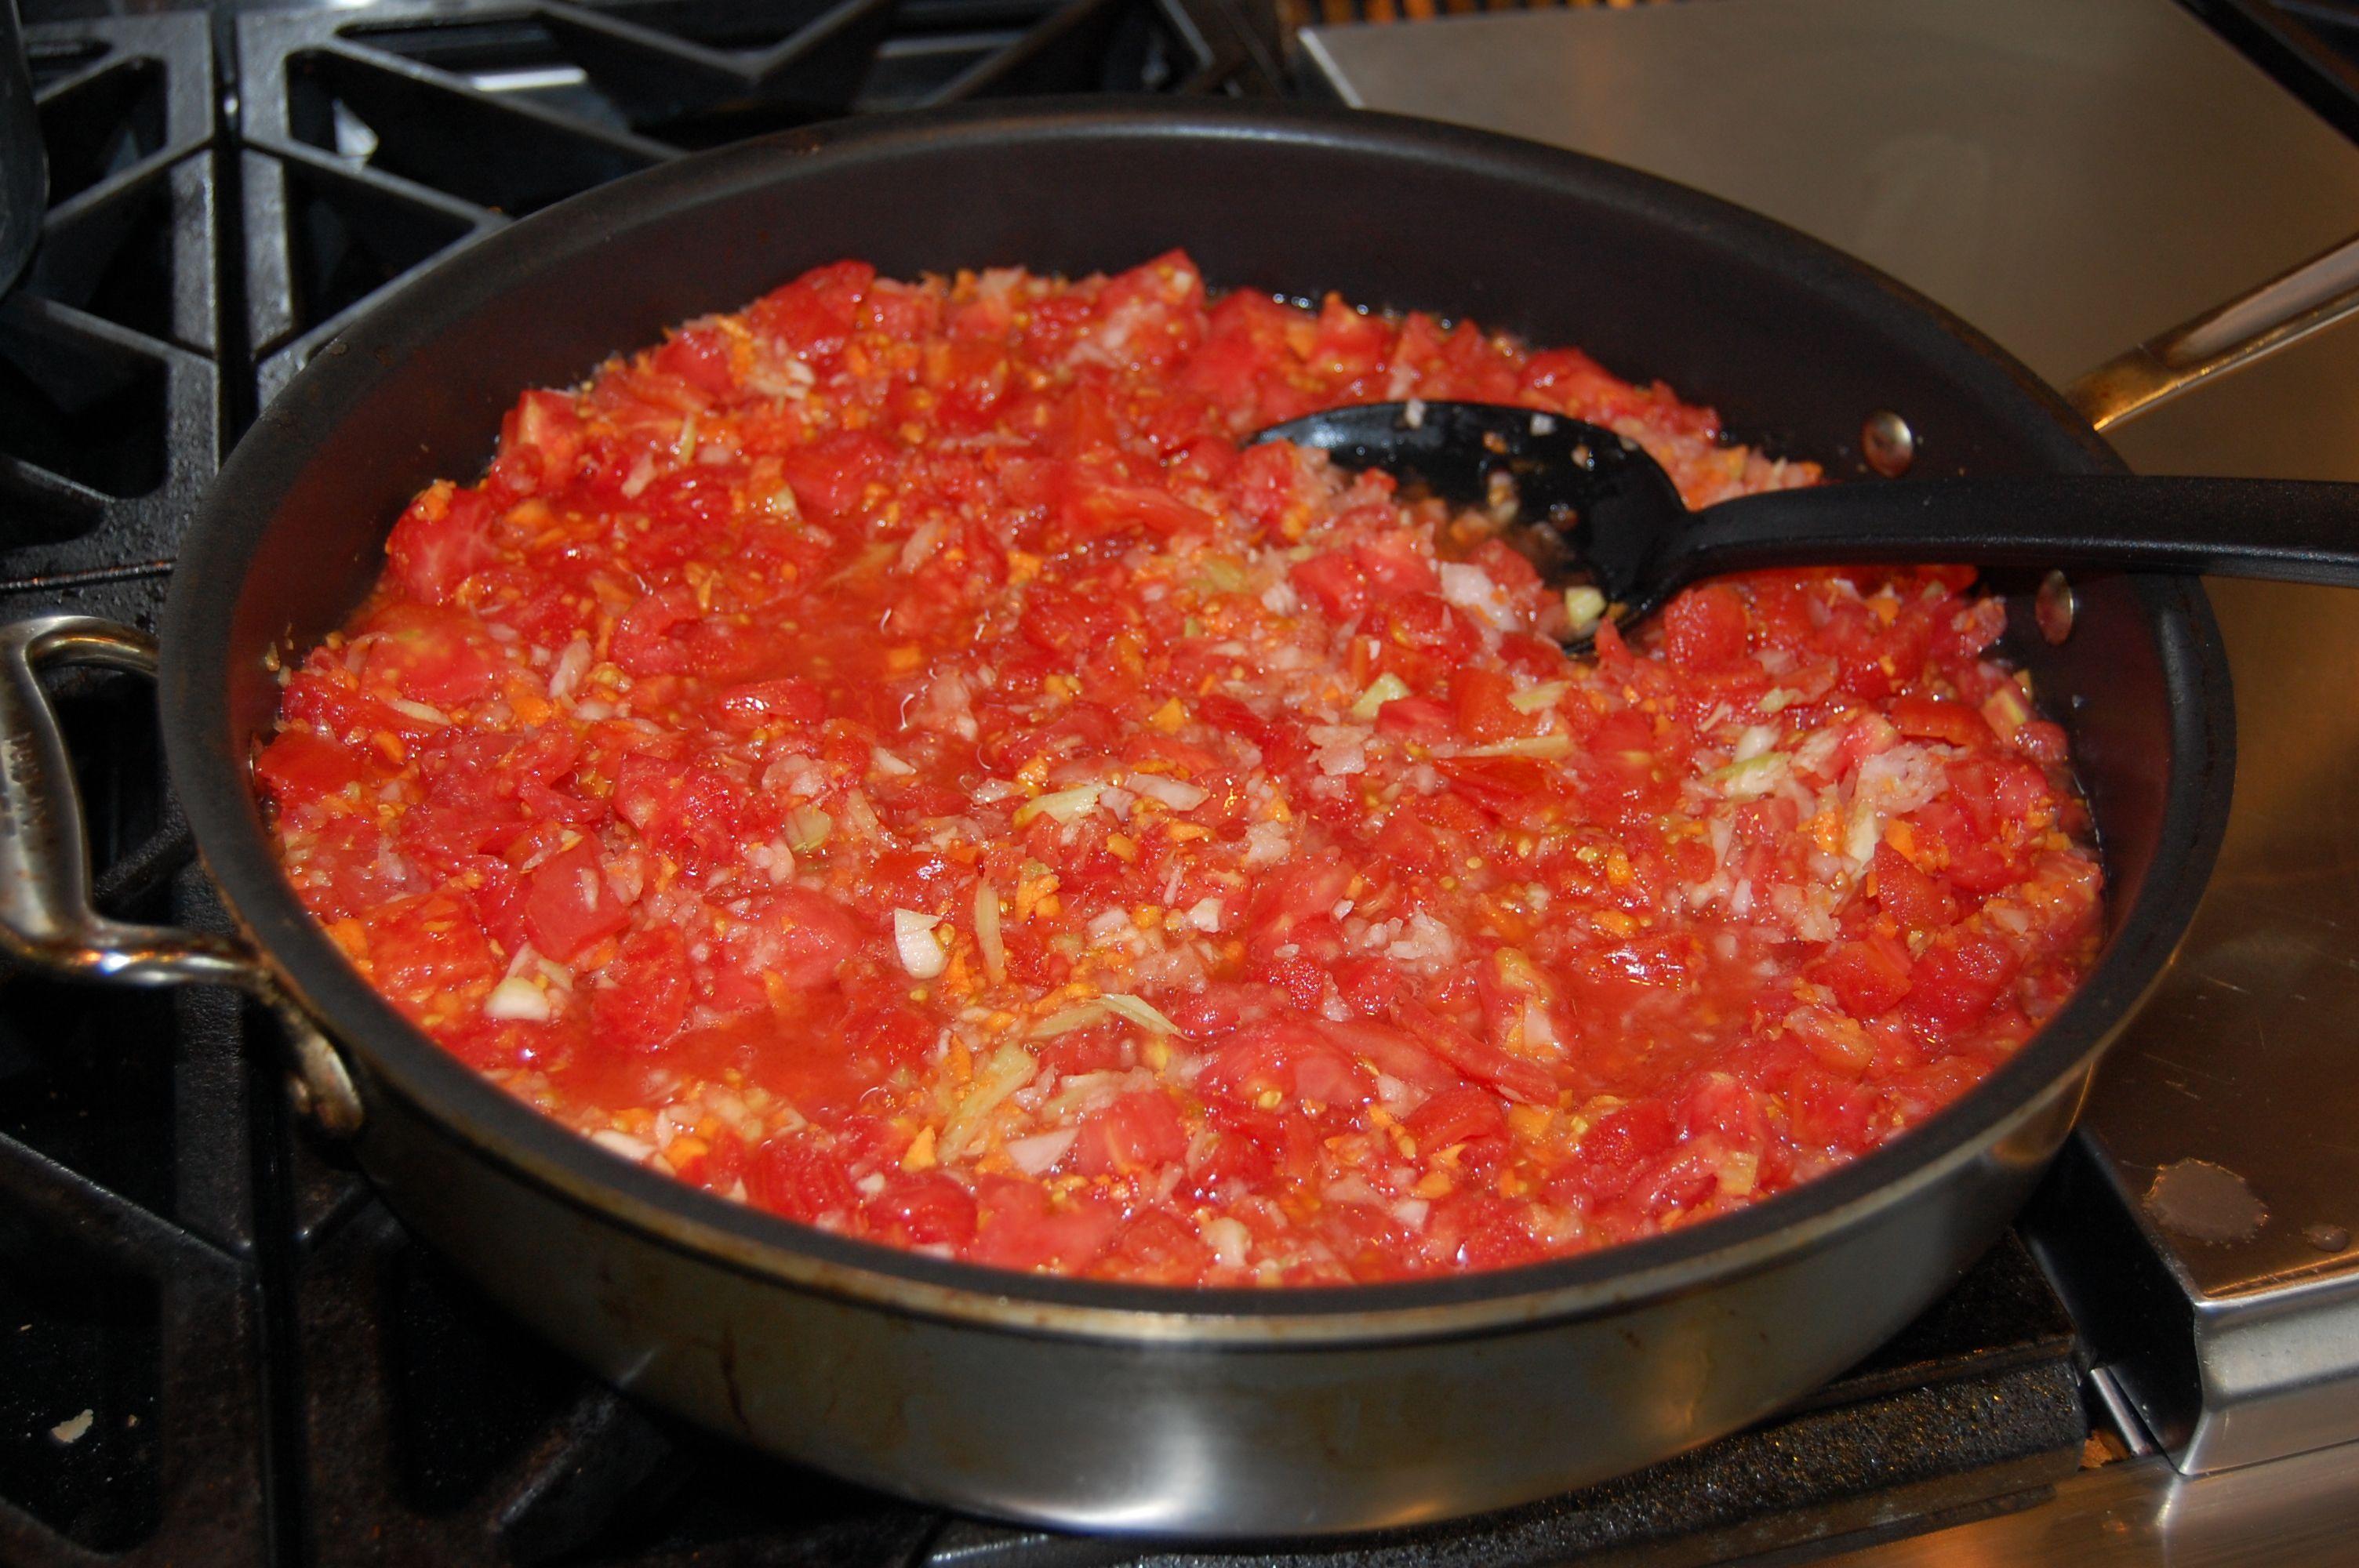 Recipe: Homemade Spaghetti Sauce | The Food Illusion